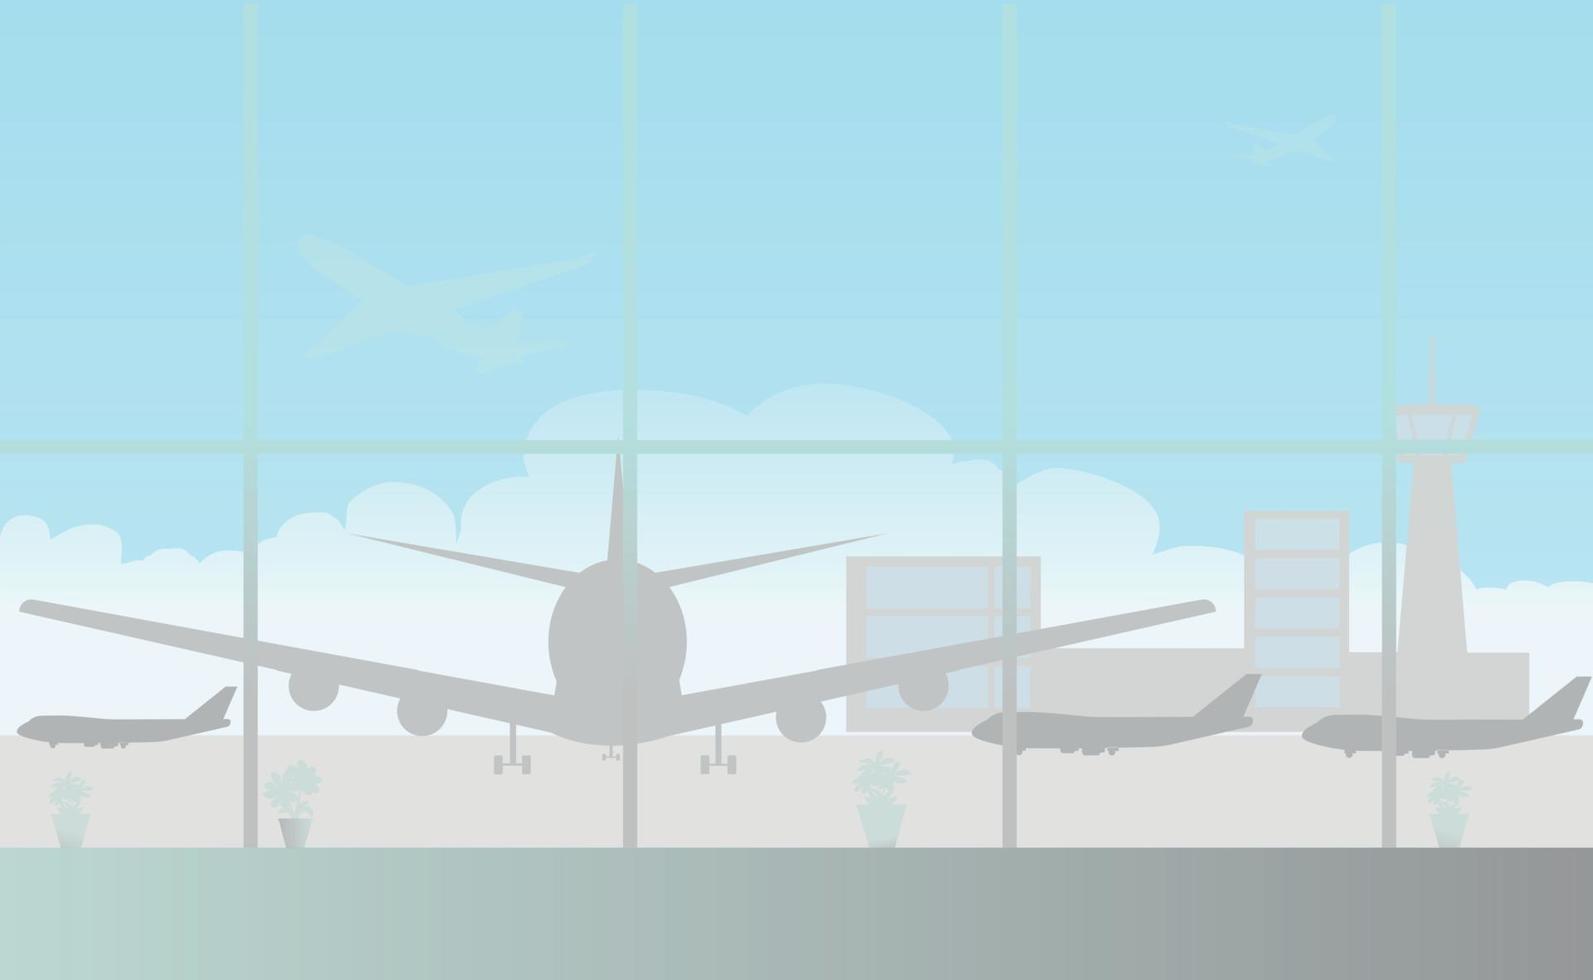 sala d'attesa vuota con ampie finestre panoramiche in aeroporto vettore